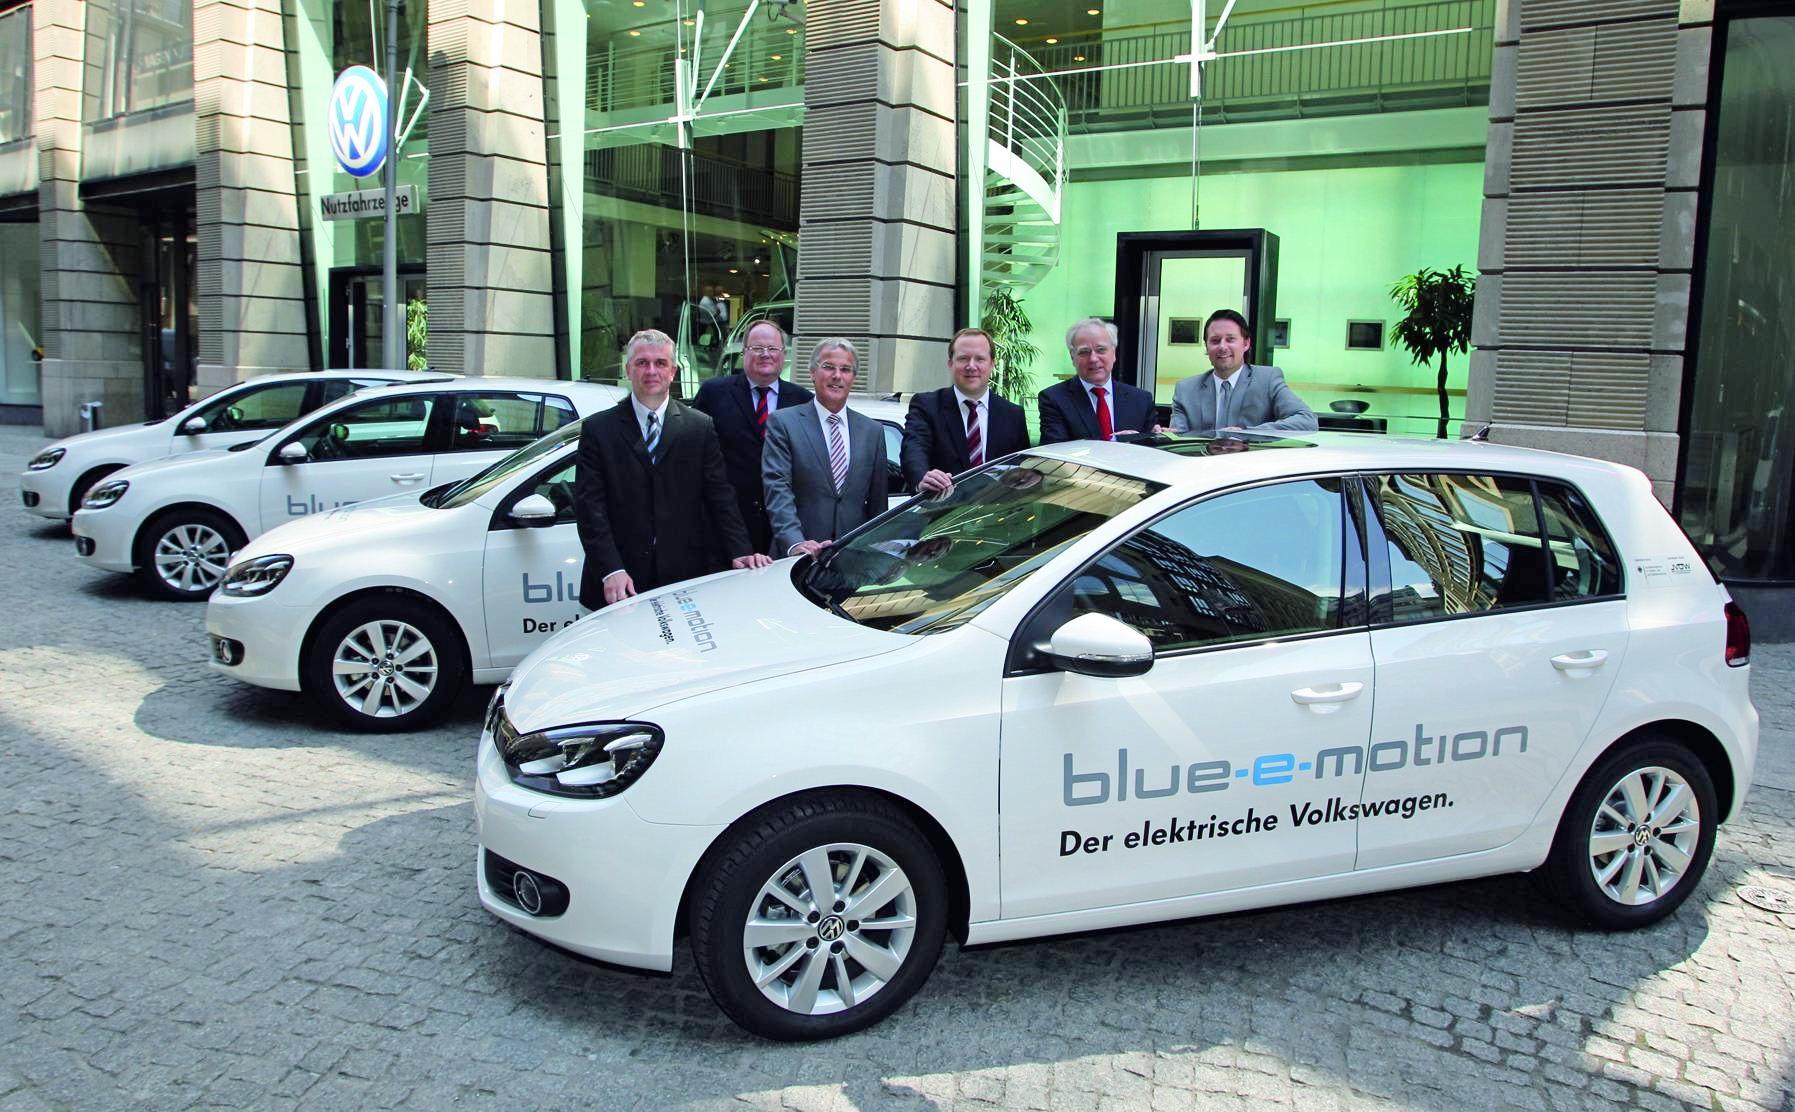 Ekskluzivno sa Volkswagenovog mitinga u Berlinu – do sada nepoznate informacije